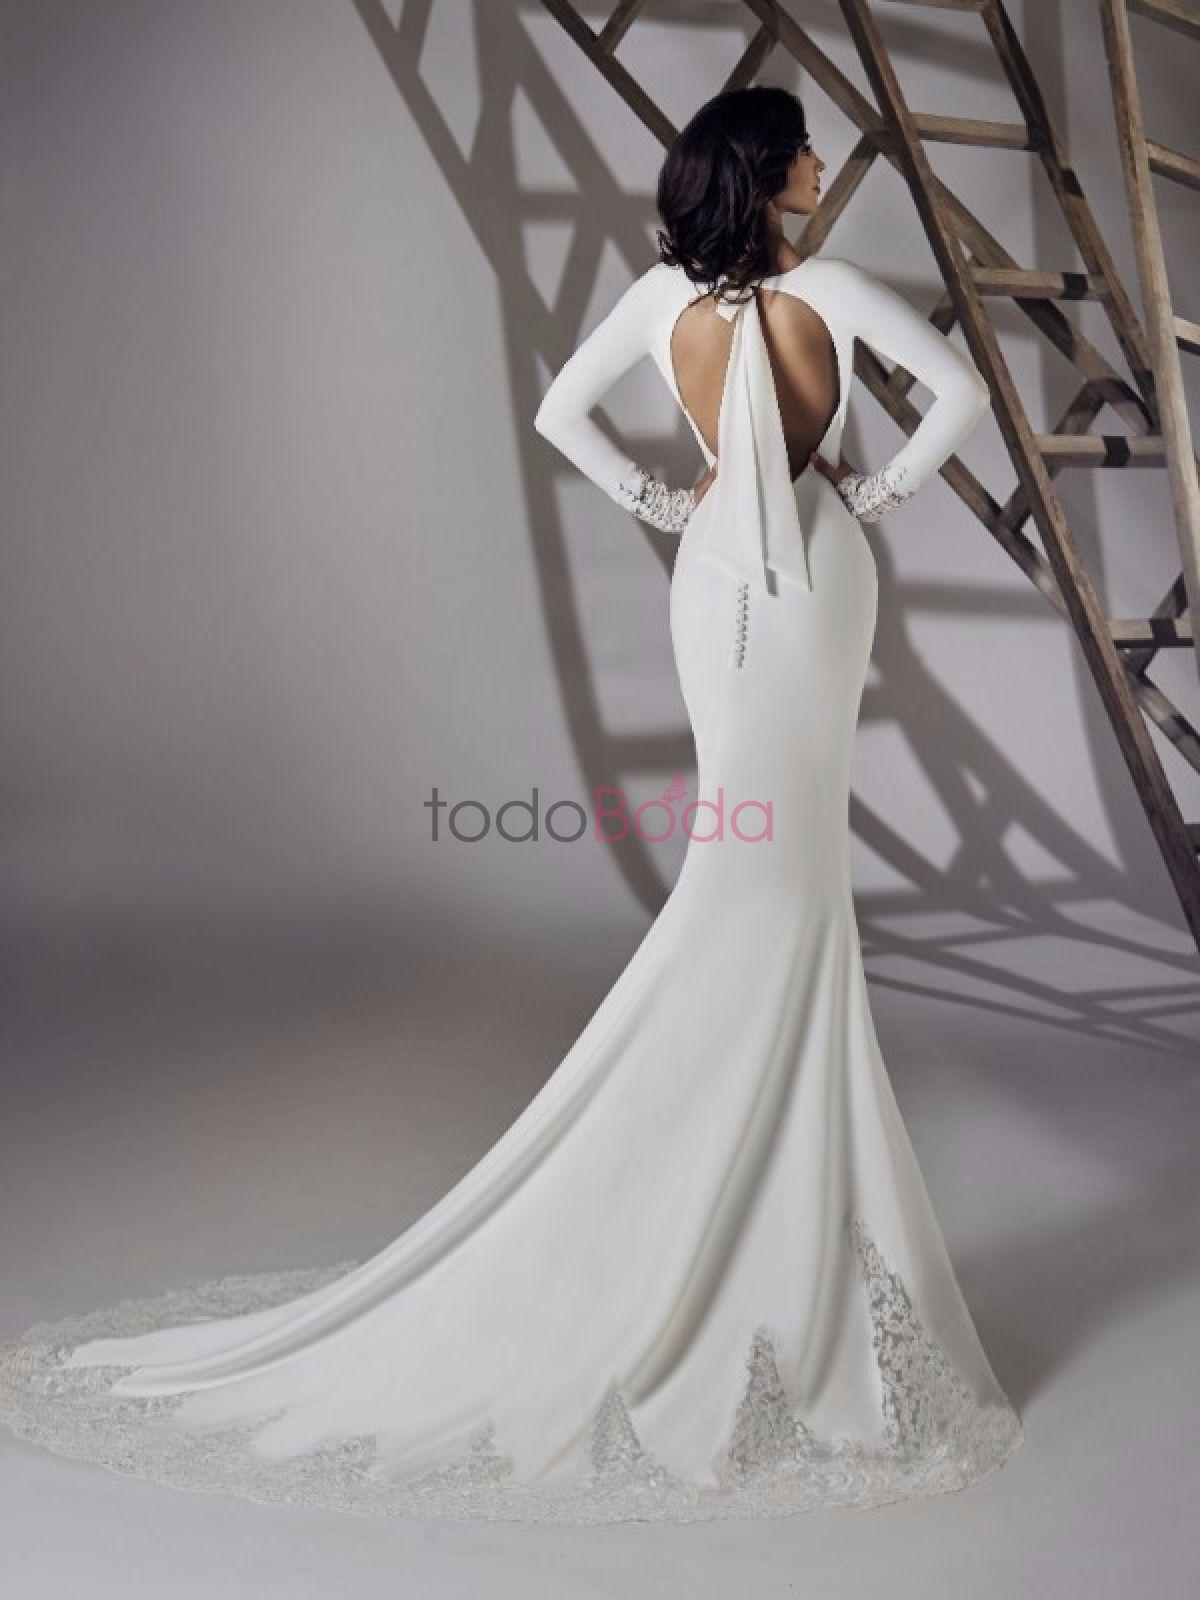 Tiendas de vestidos de boda en sevilla